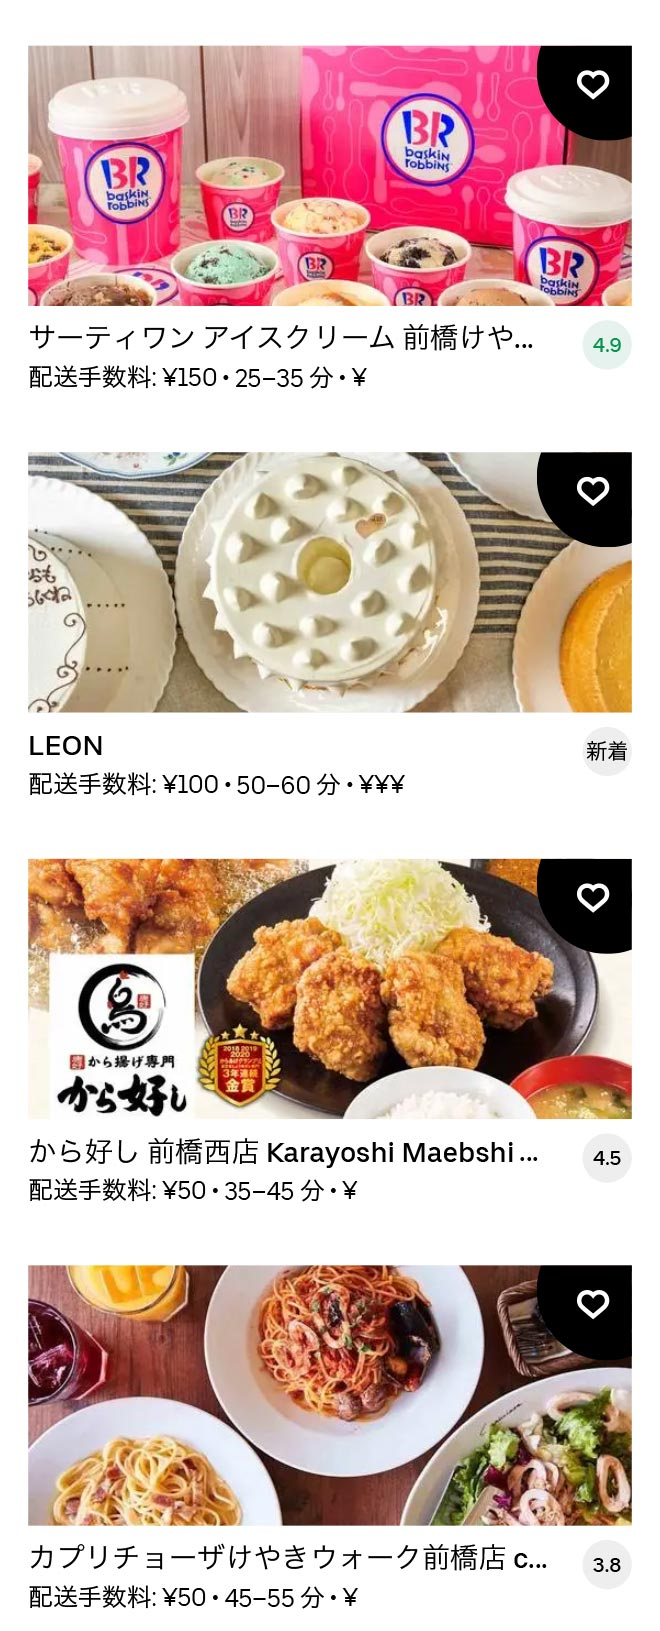 Shin maebashi menu 2012 05